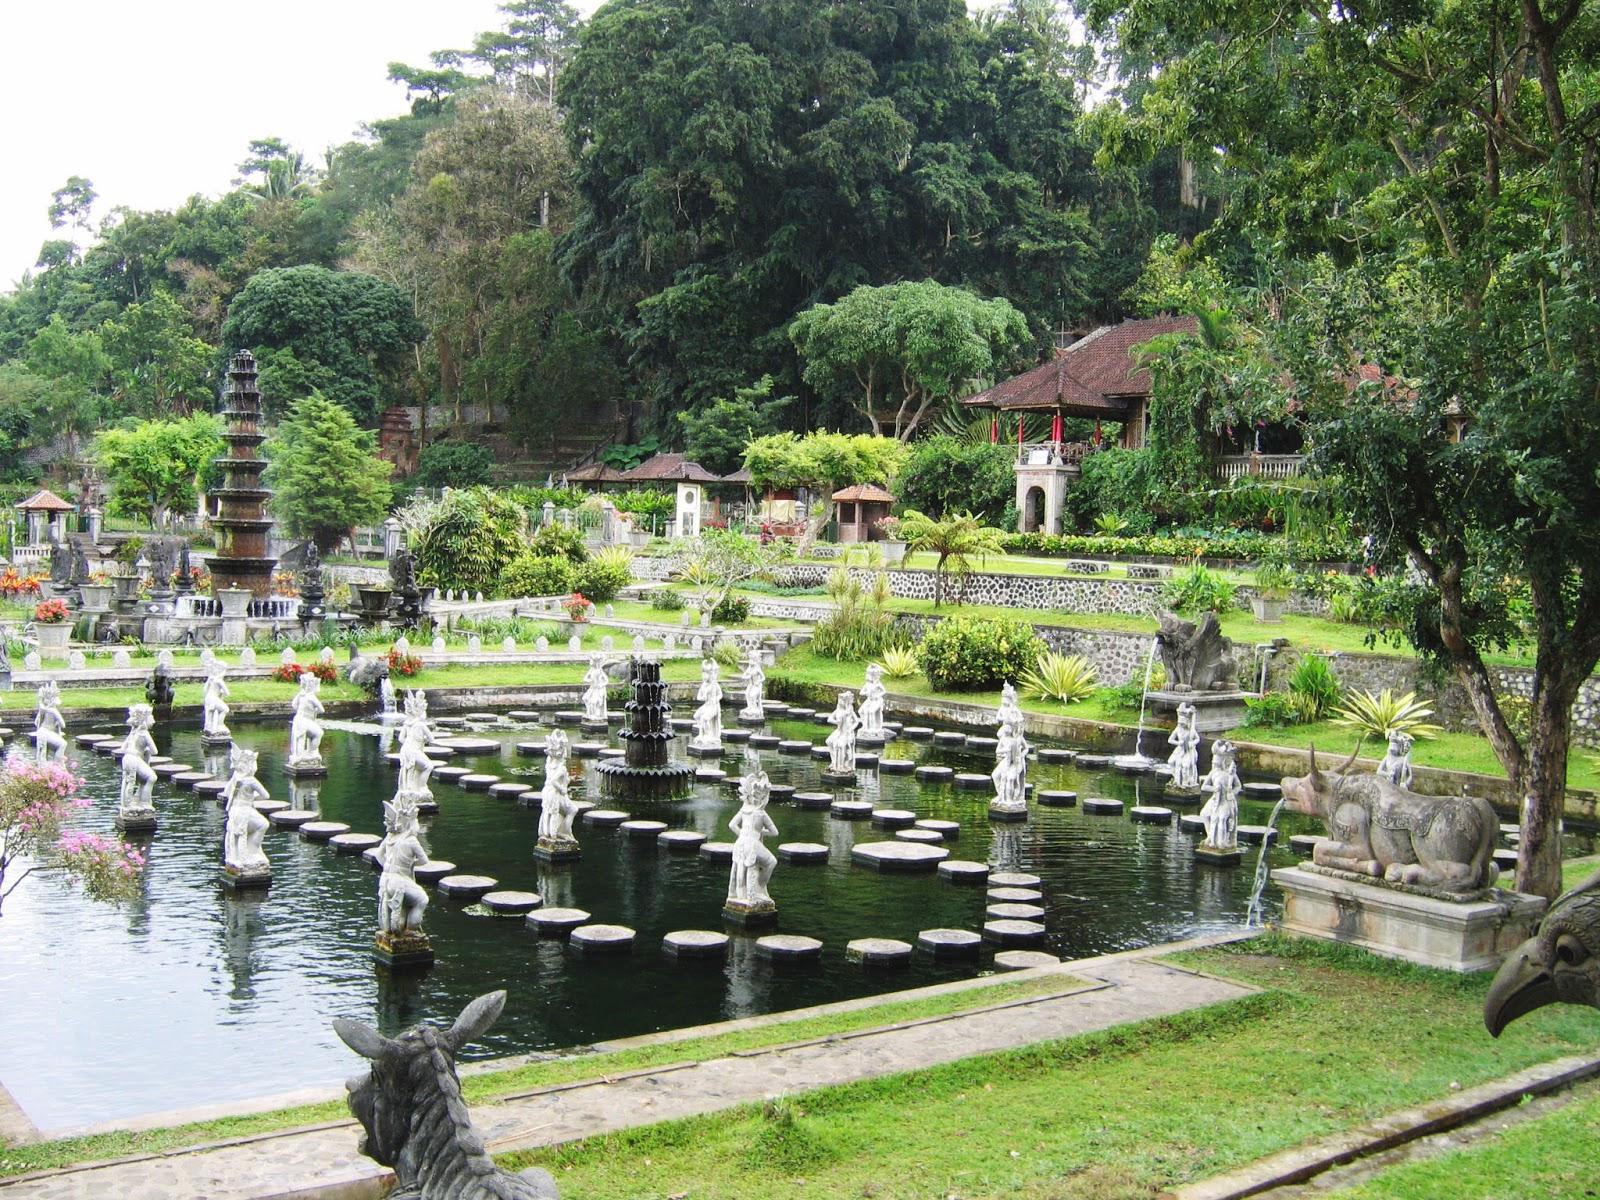 Istana Taman Tirta Gangga